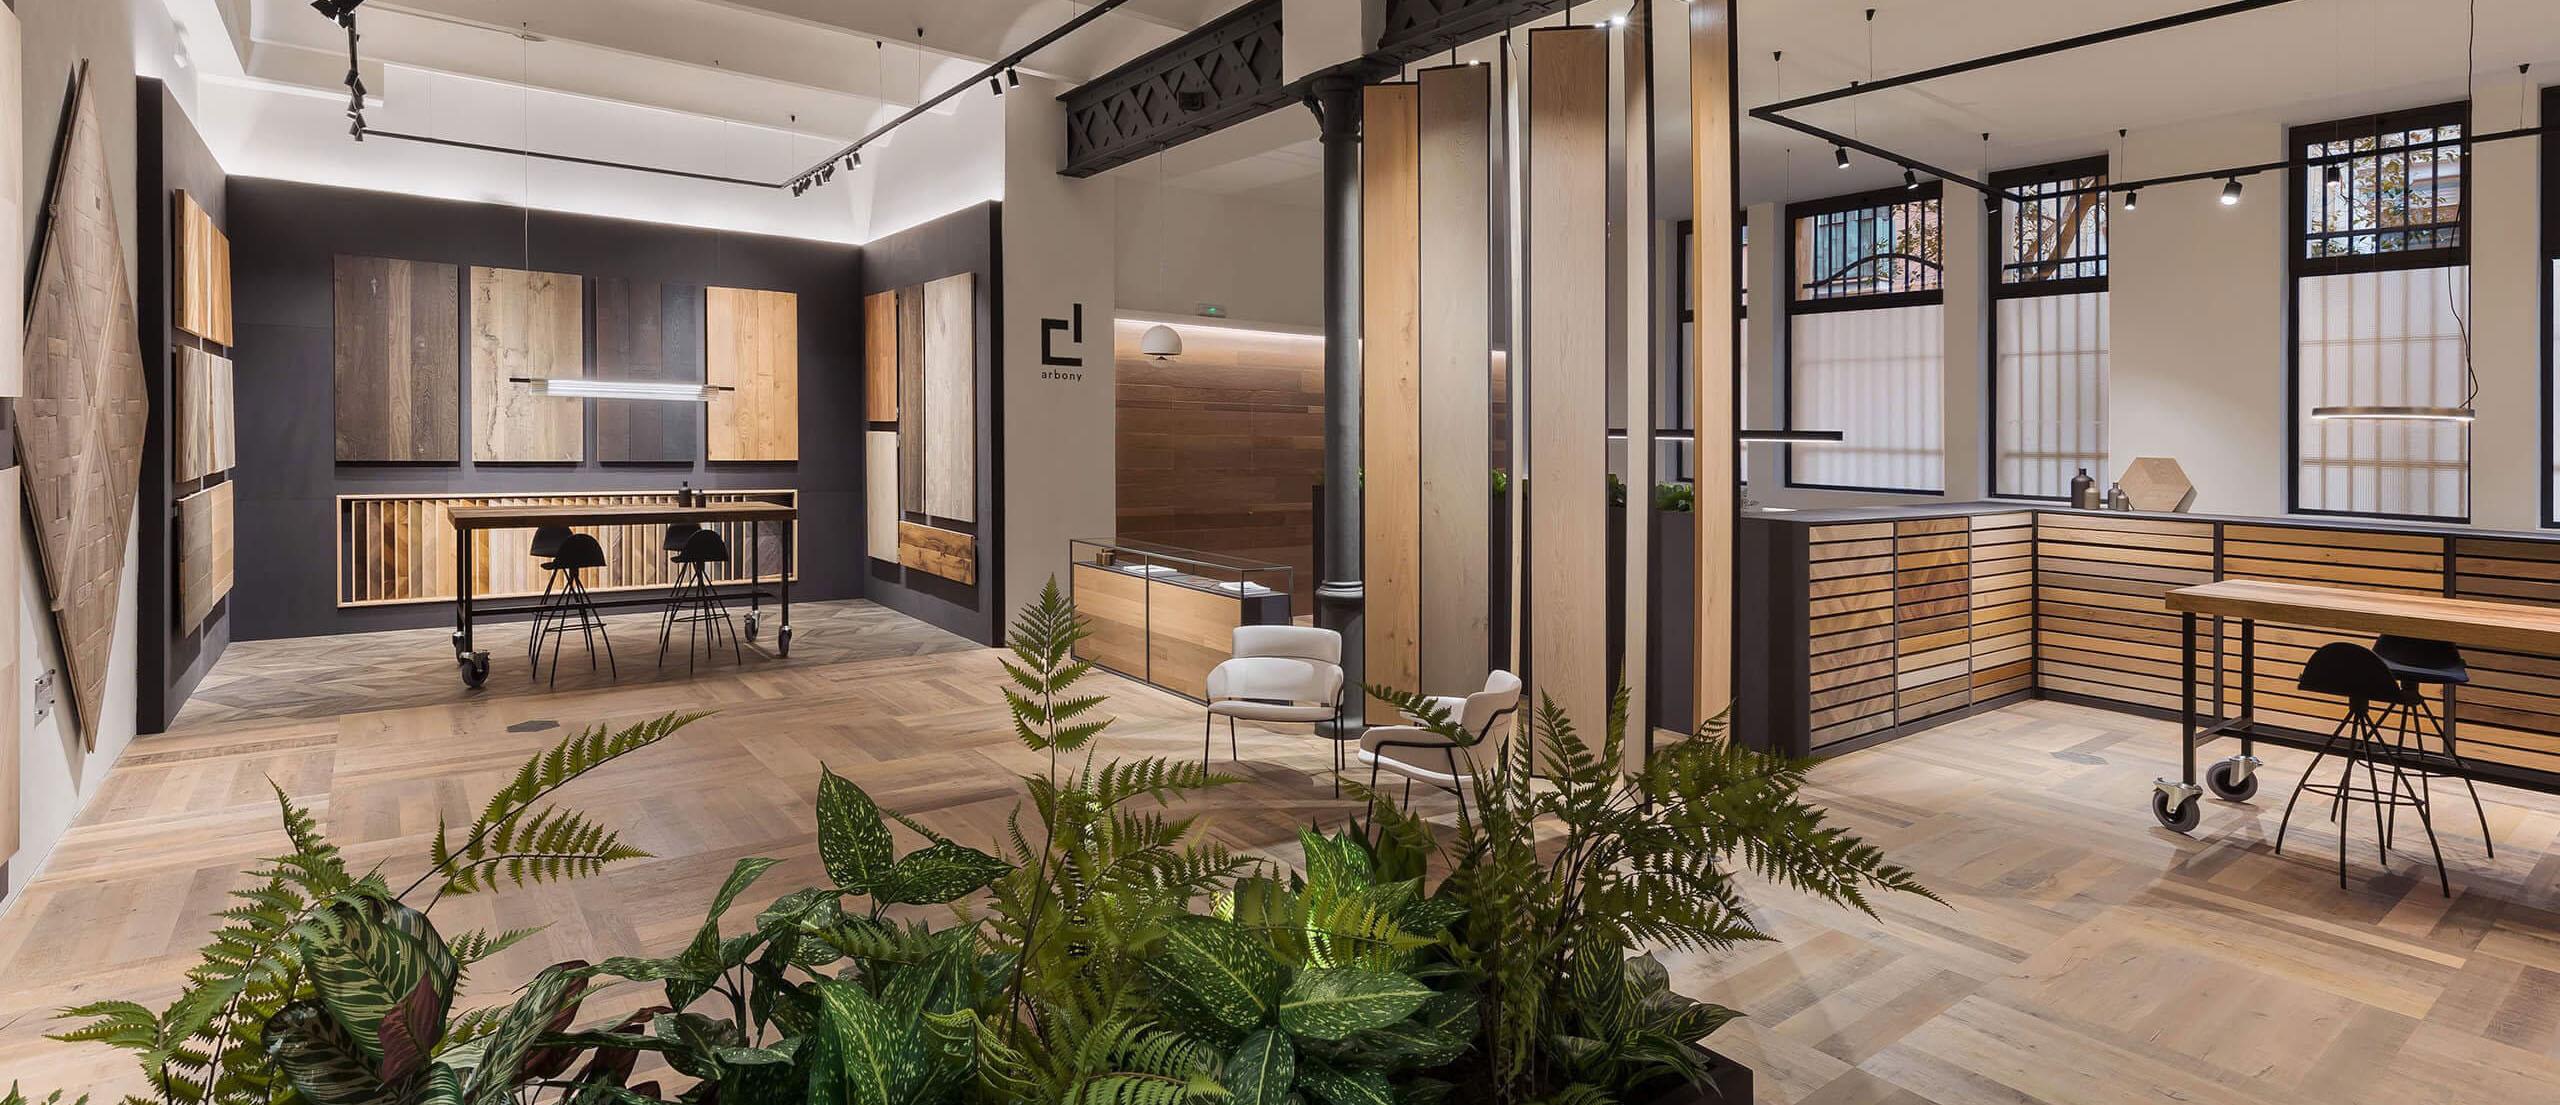 Vista panoramica interior showroom parquets WINco